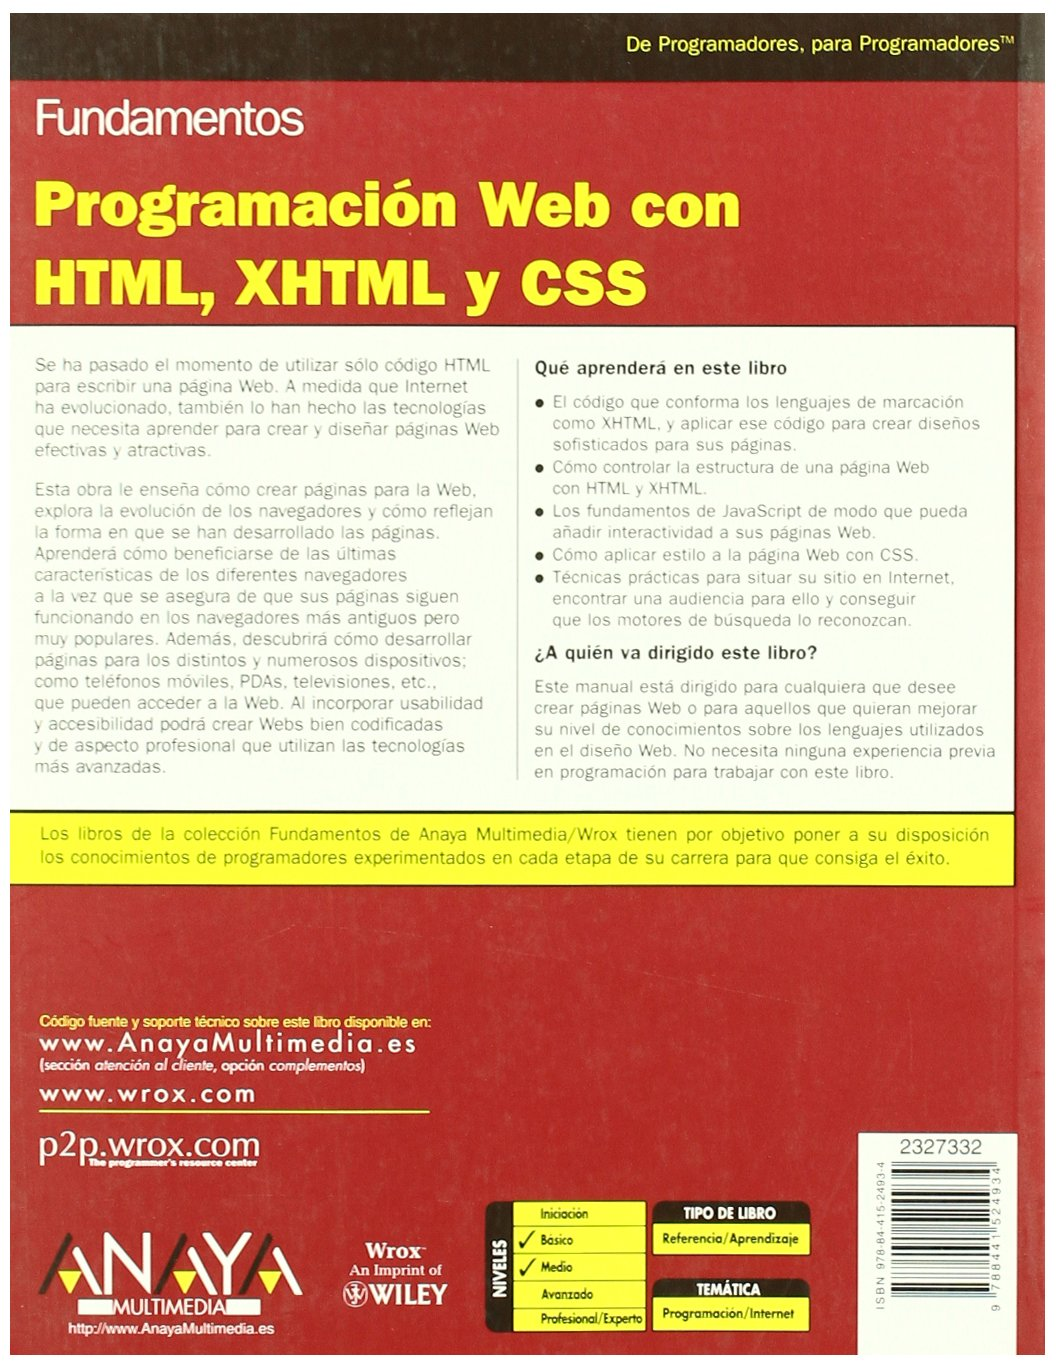 Programación Web con HTML, XHTML y CSS Anaya Multimedia/Wrox: Amazon.es: Jon Duckett: Libros